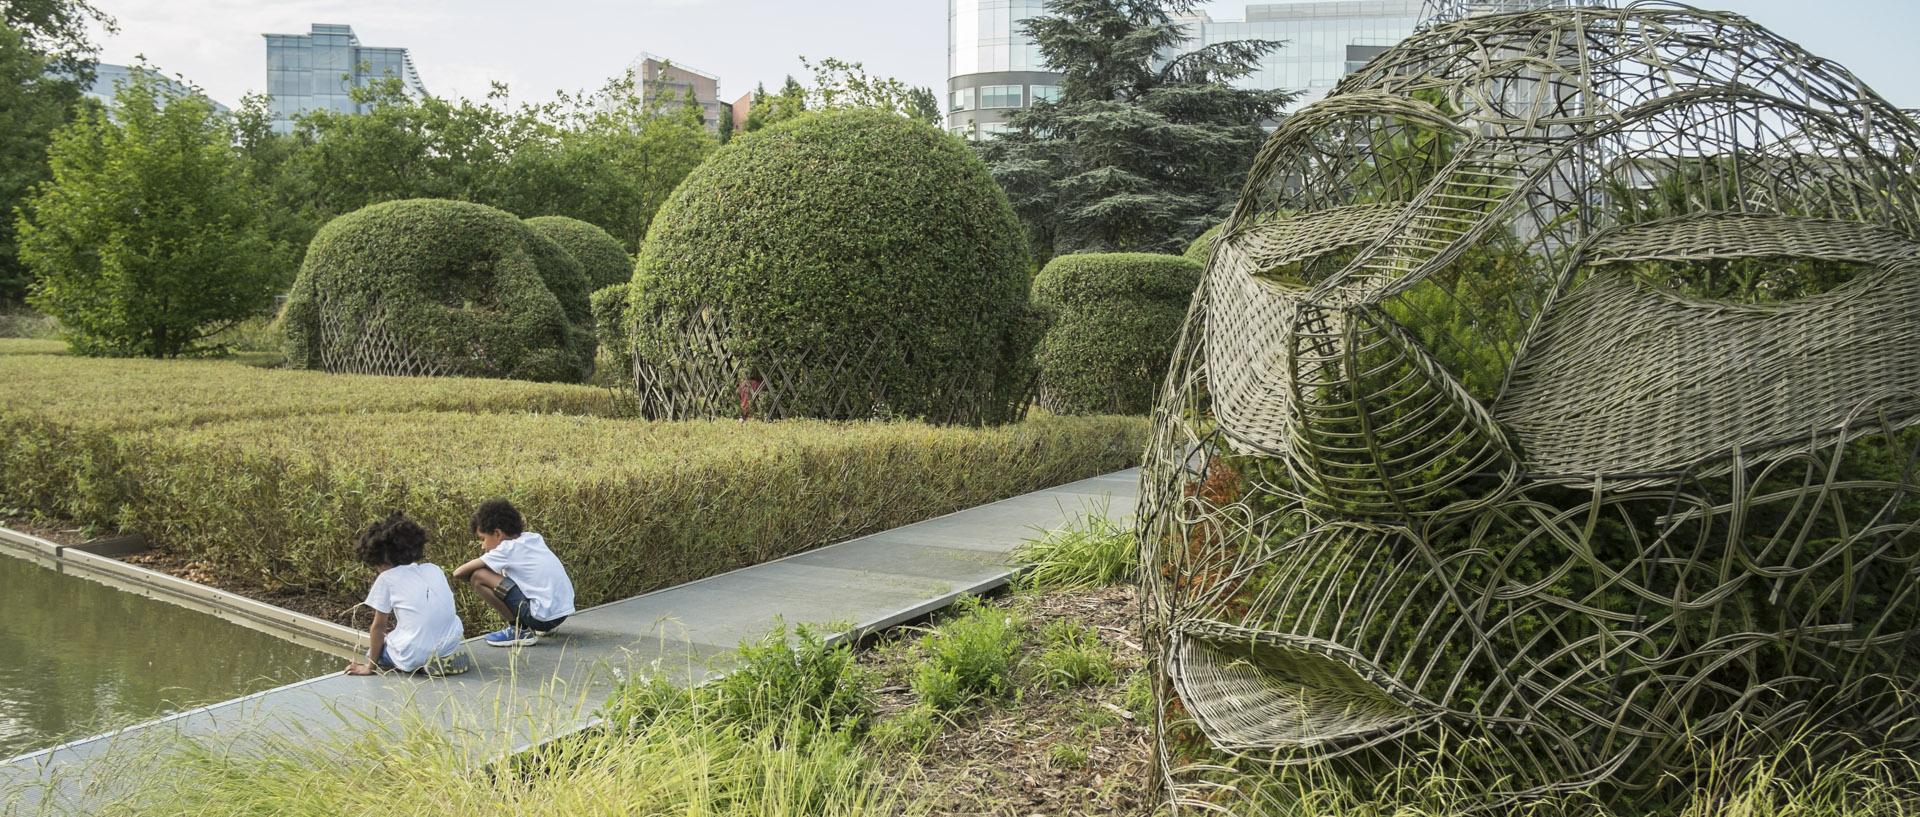 Juillet 2014 - Le jardin champetre magog lille ...